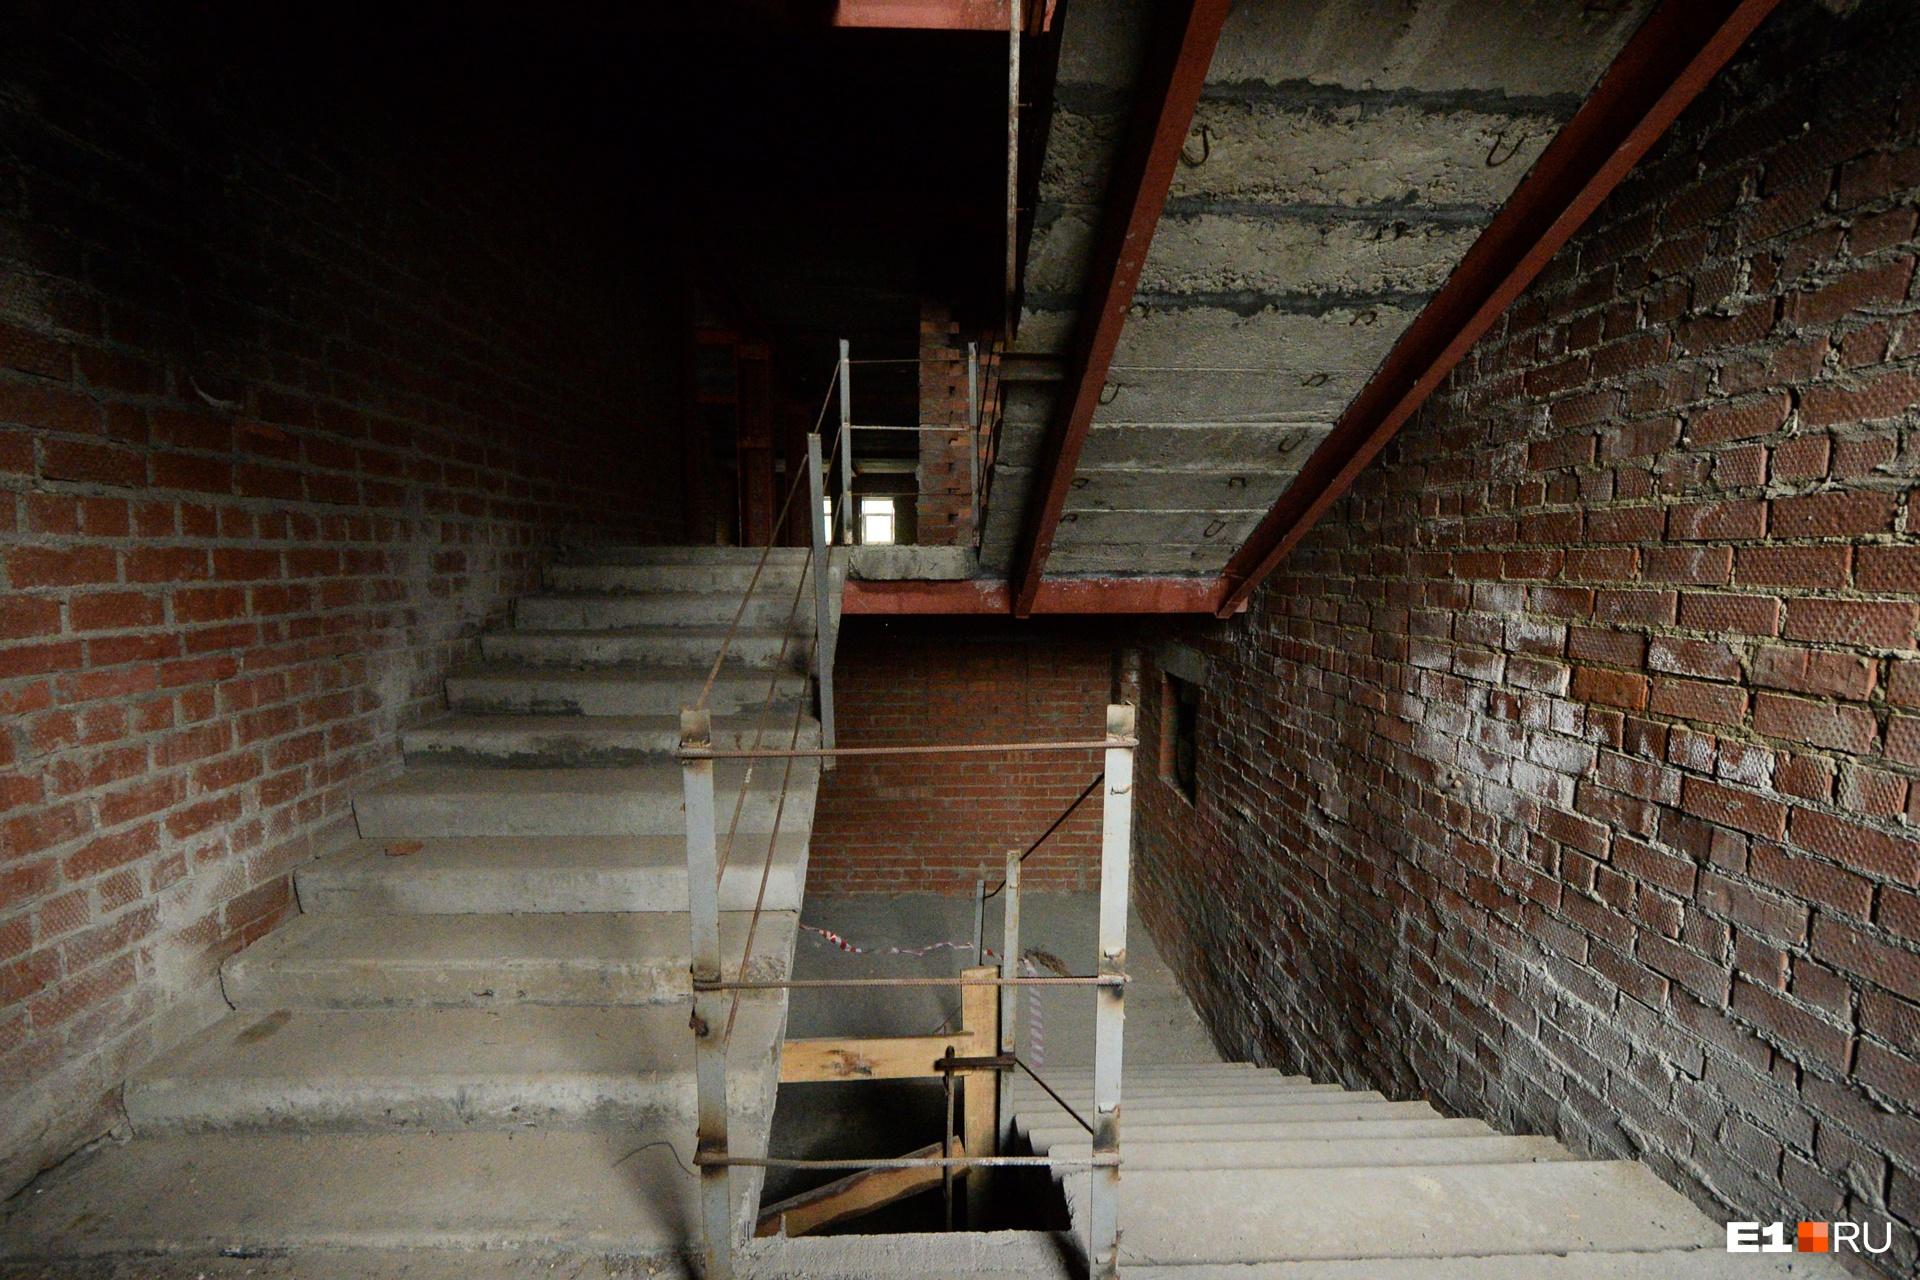 Одна из лестниц